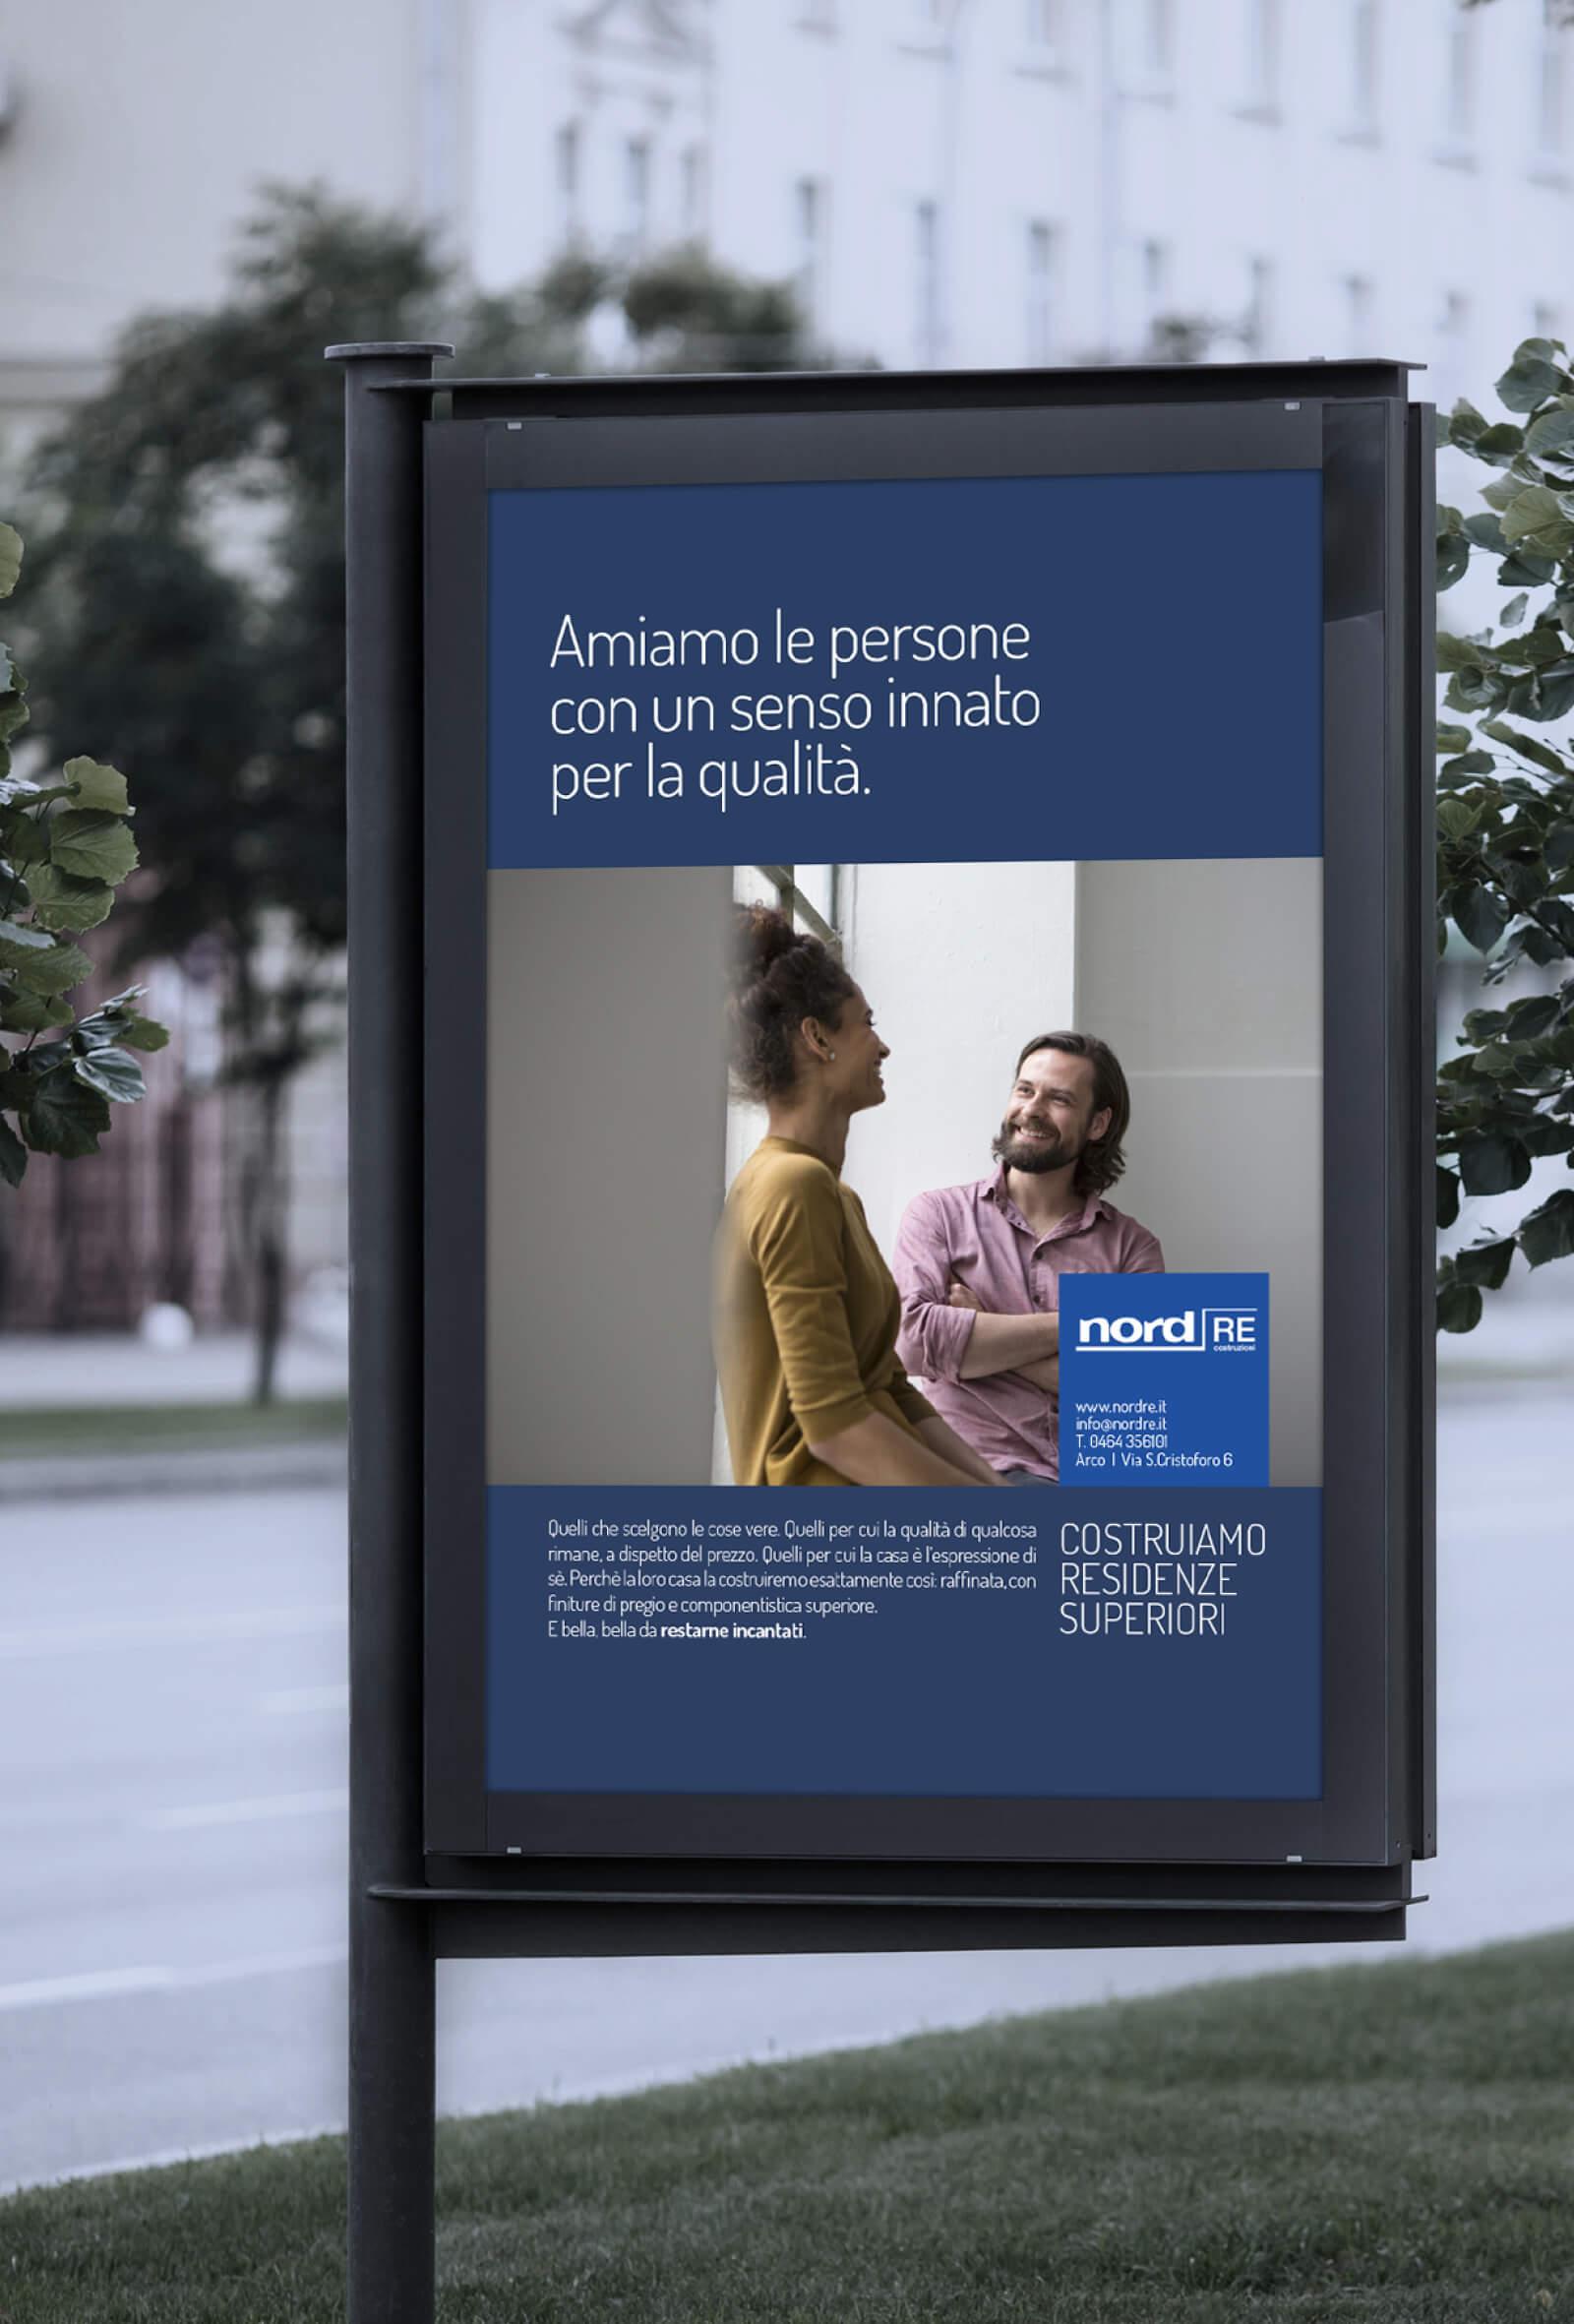 creazione di headline e visual per manifesto stradale pubblicitario. Campagna stampa ideata da diadestudio agenzia di pubblicità arco di trento